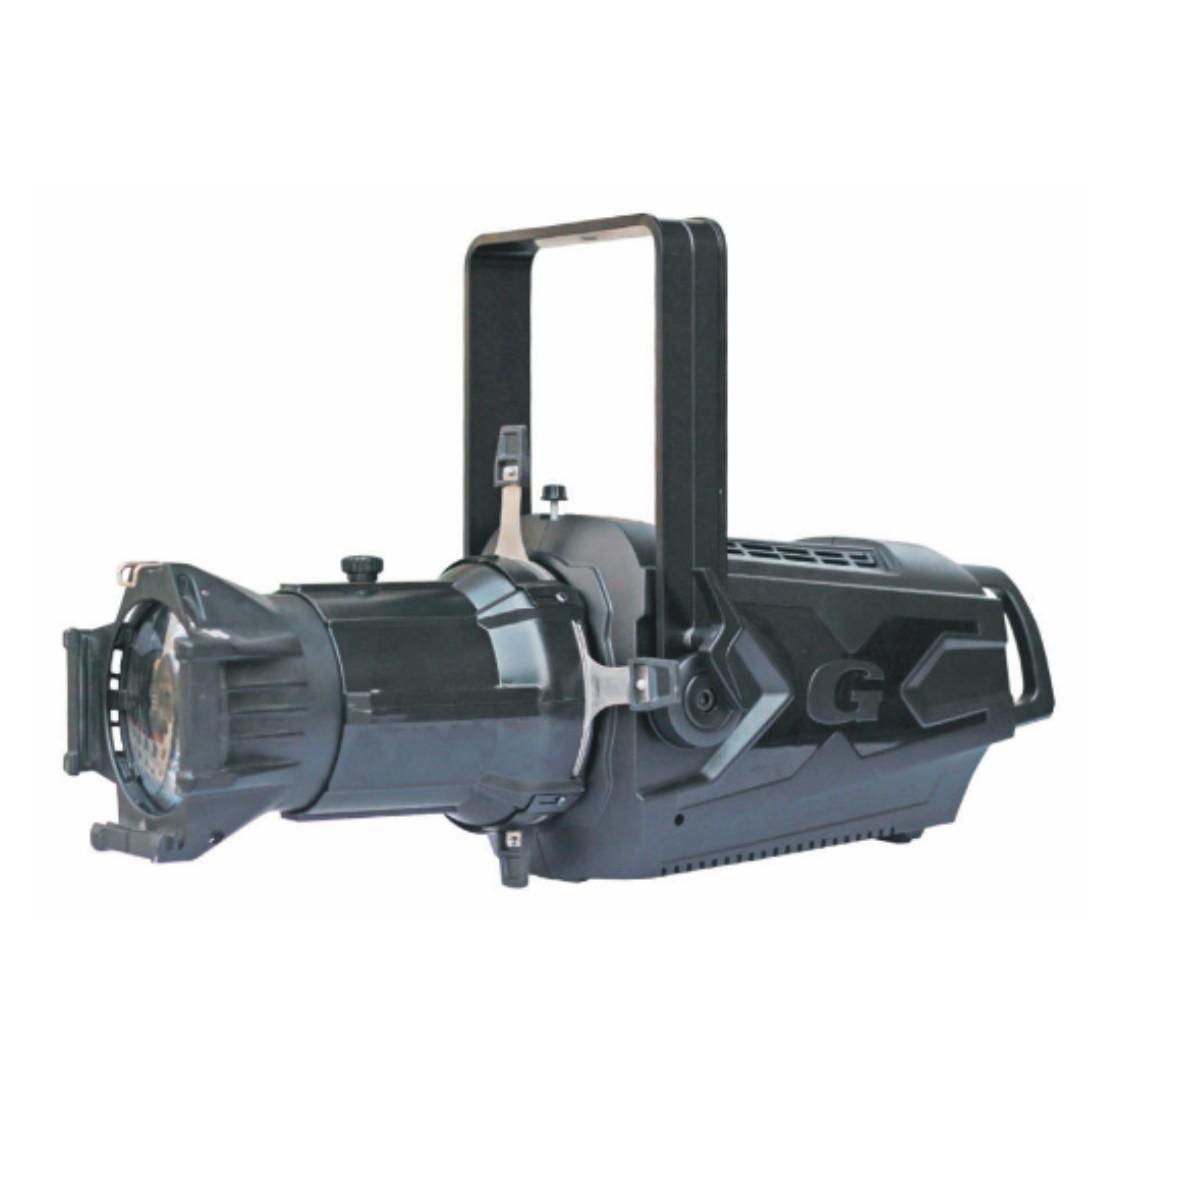 WTSC-LED-300 LED数字化成像灯